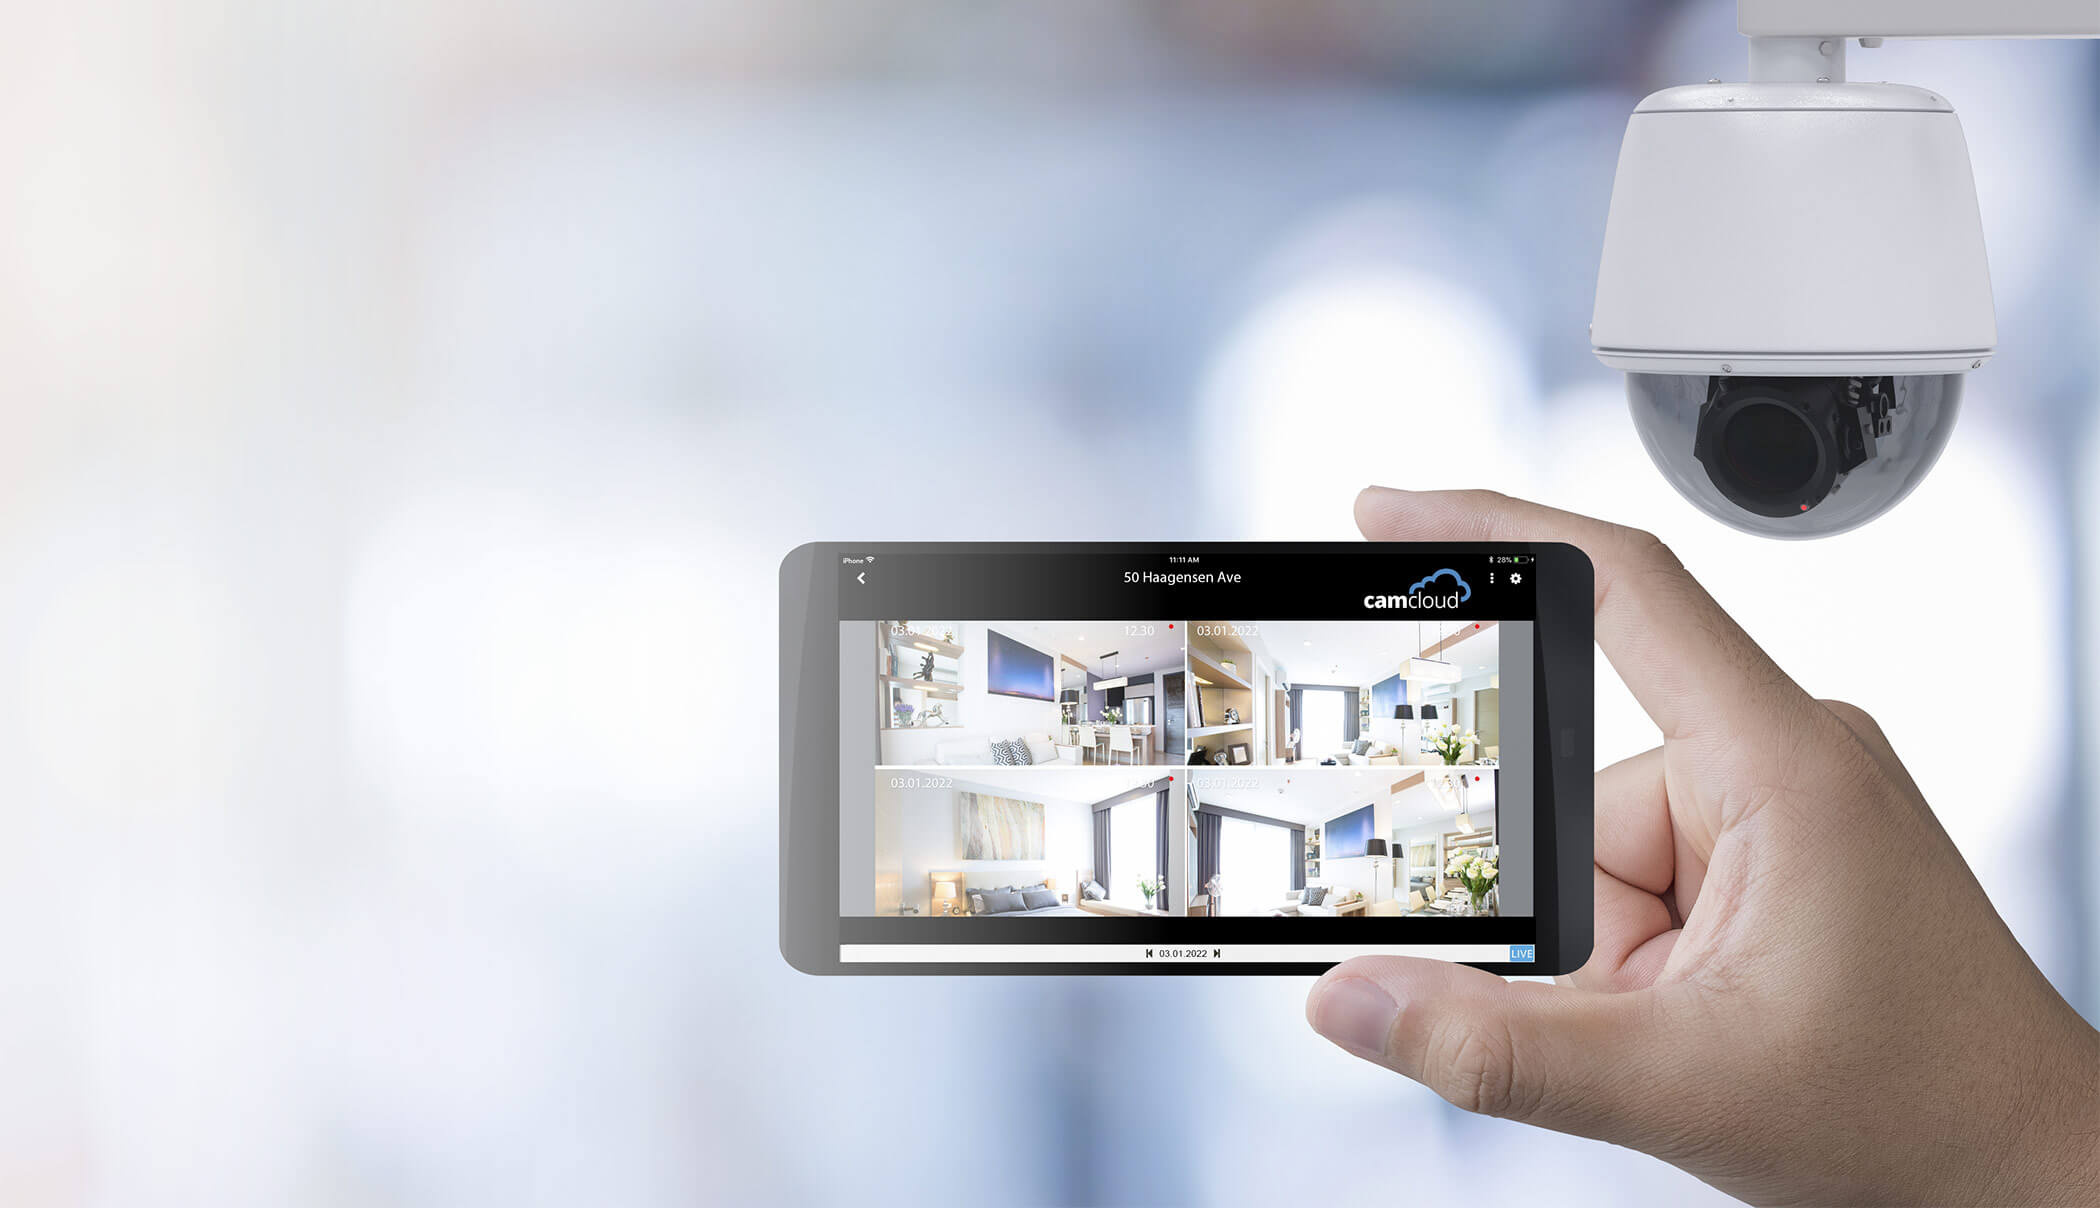 Cloud Video Surveillance for Home